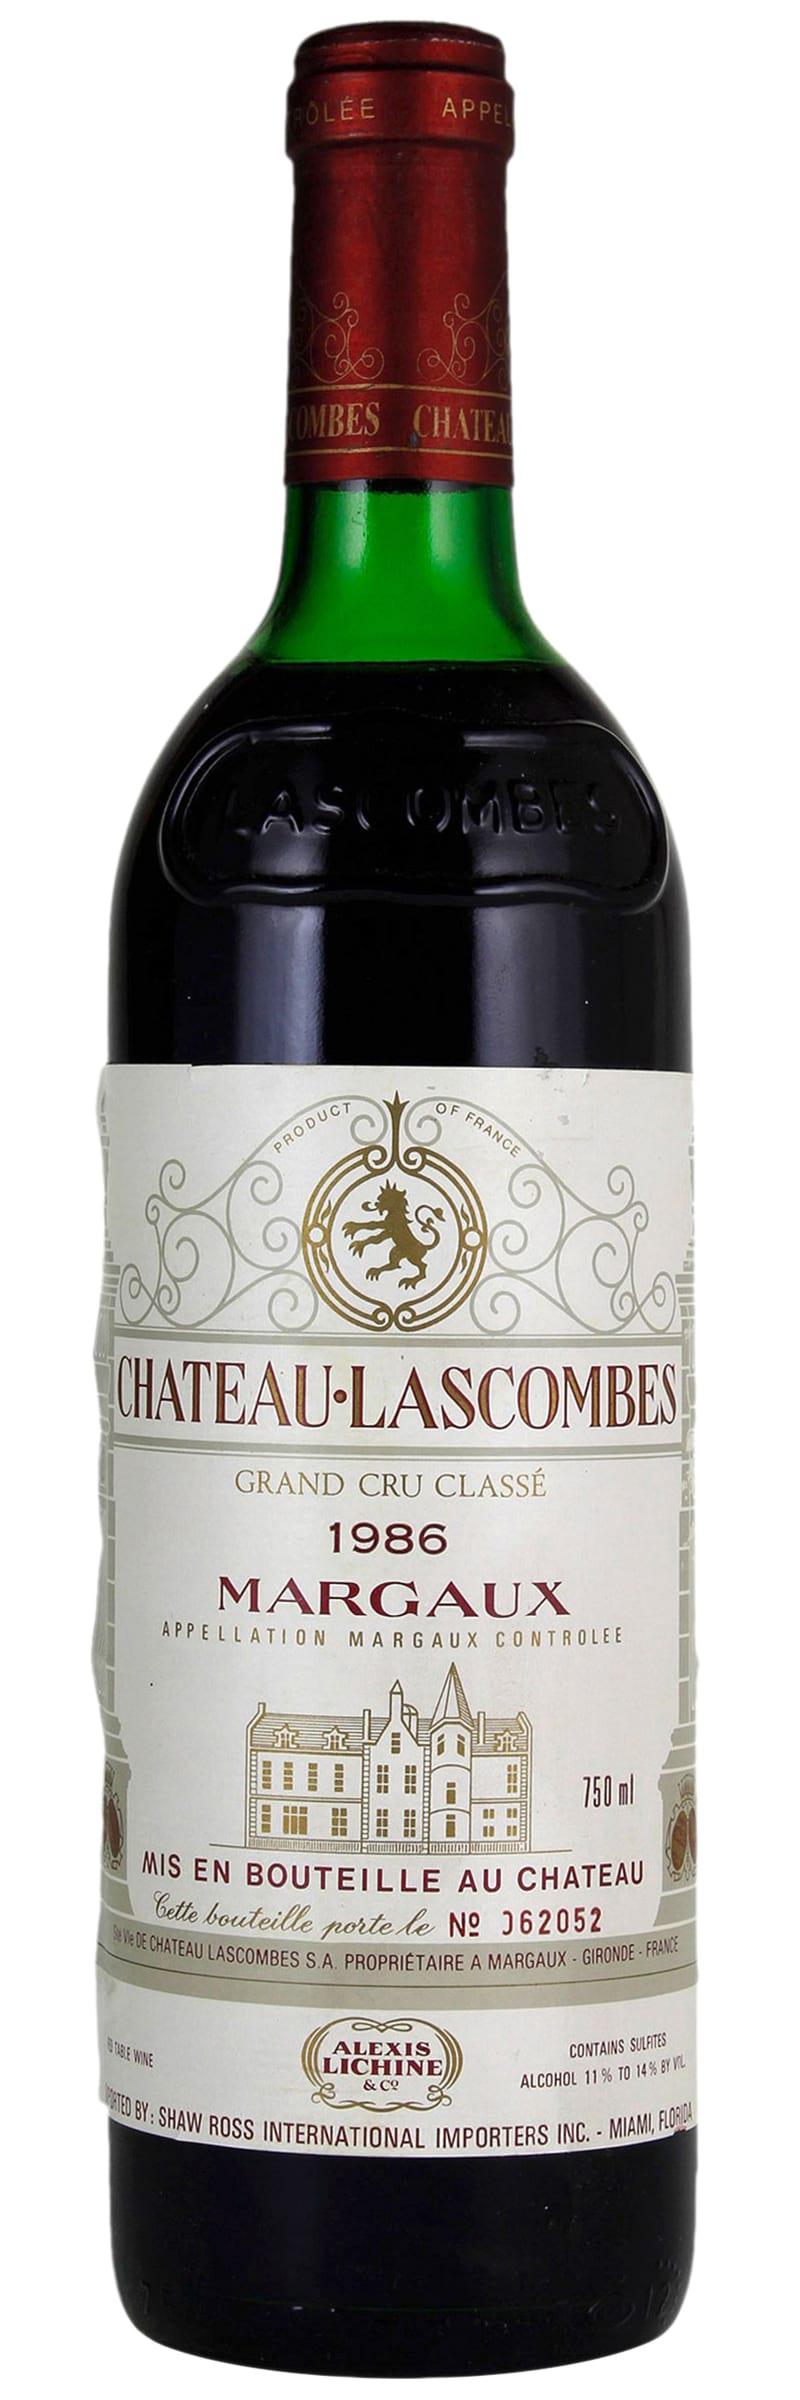 1986 Chateau Lascombes Margaux AOC фото